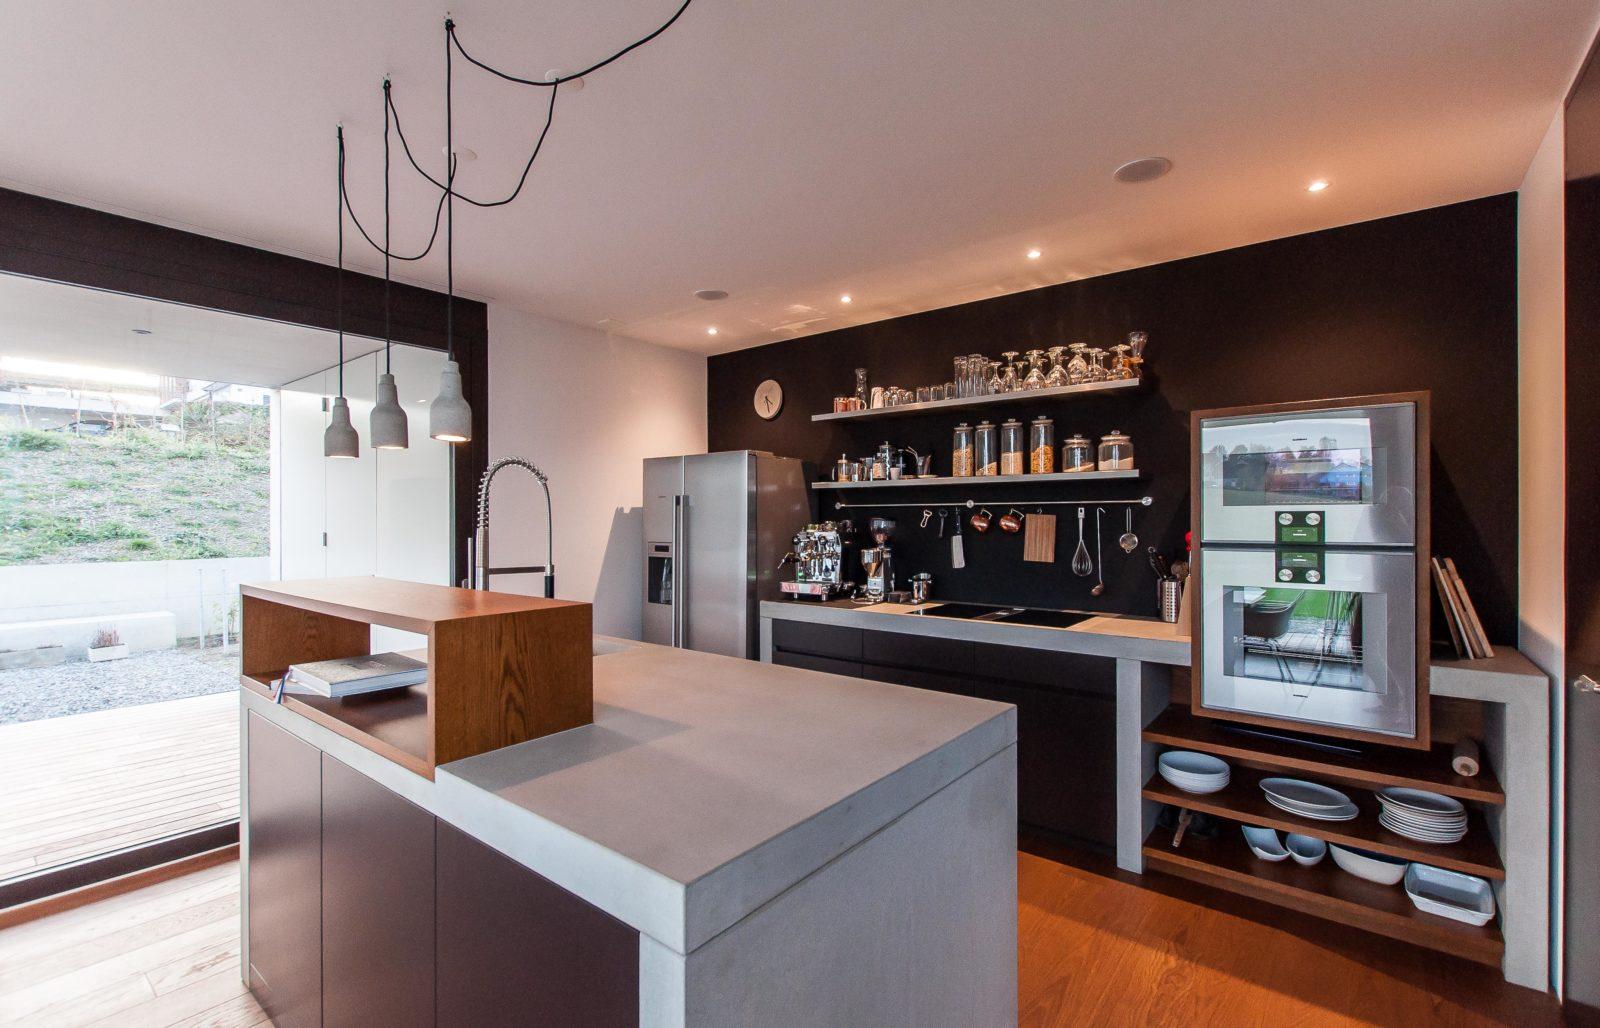 Fantastisch Küche Und Bad Design Jobs Zeitgenössisch - Küchenschrank ...